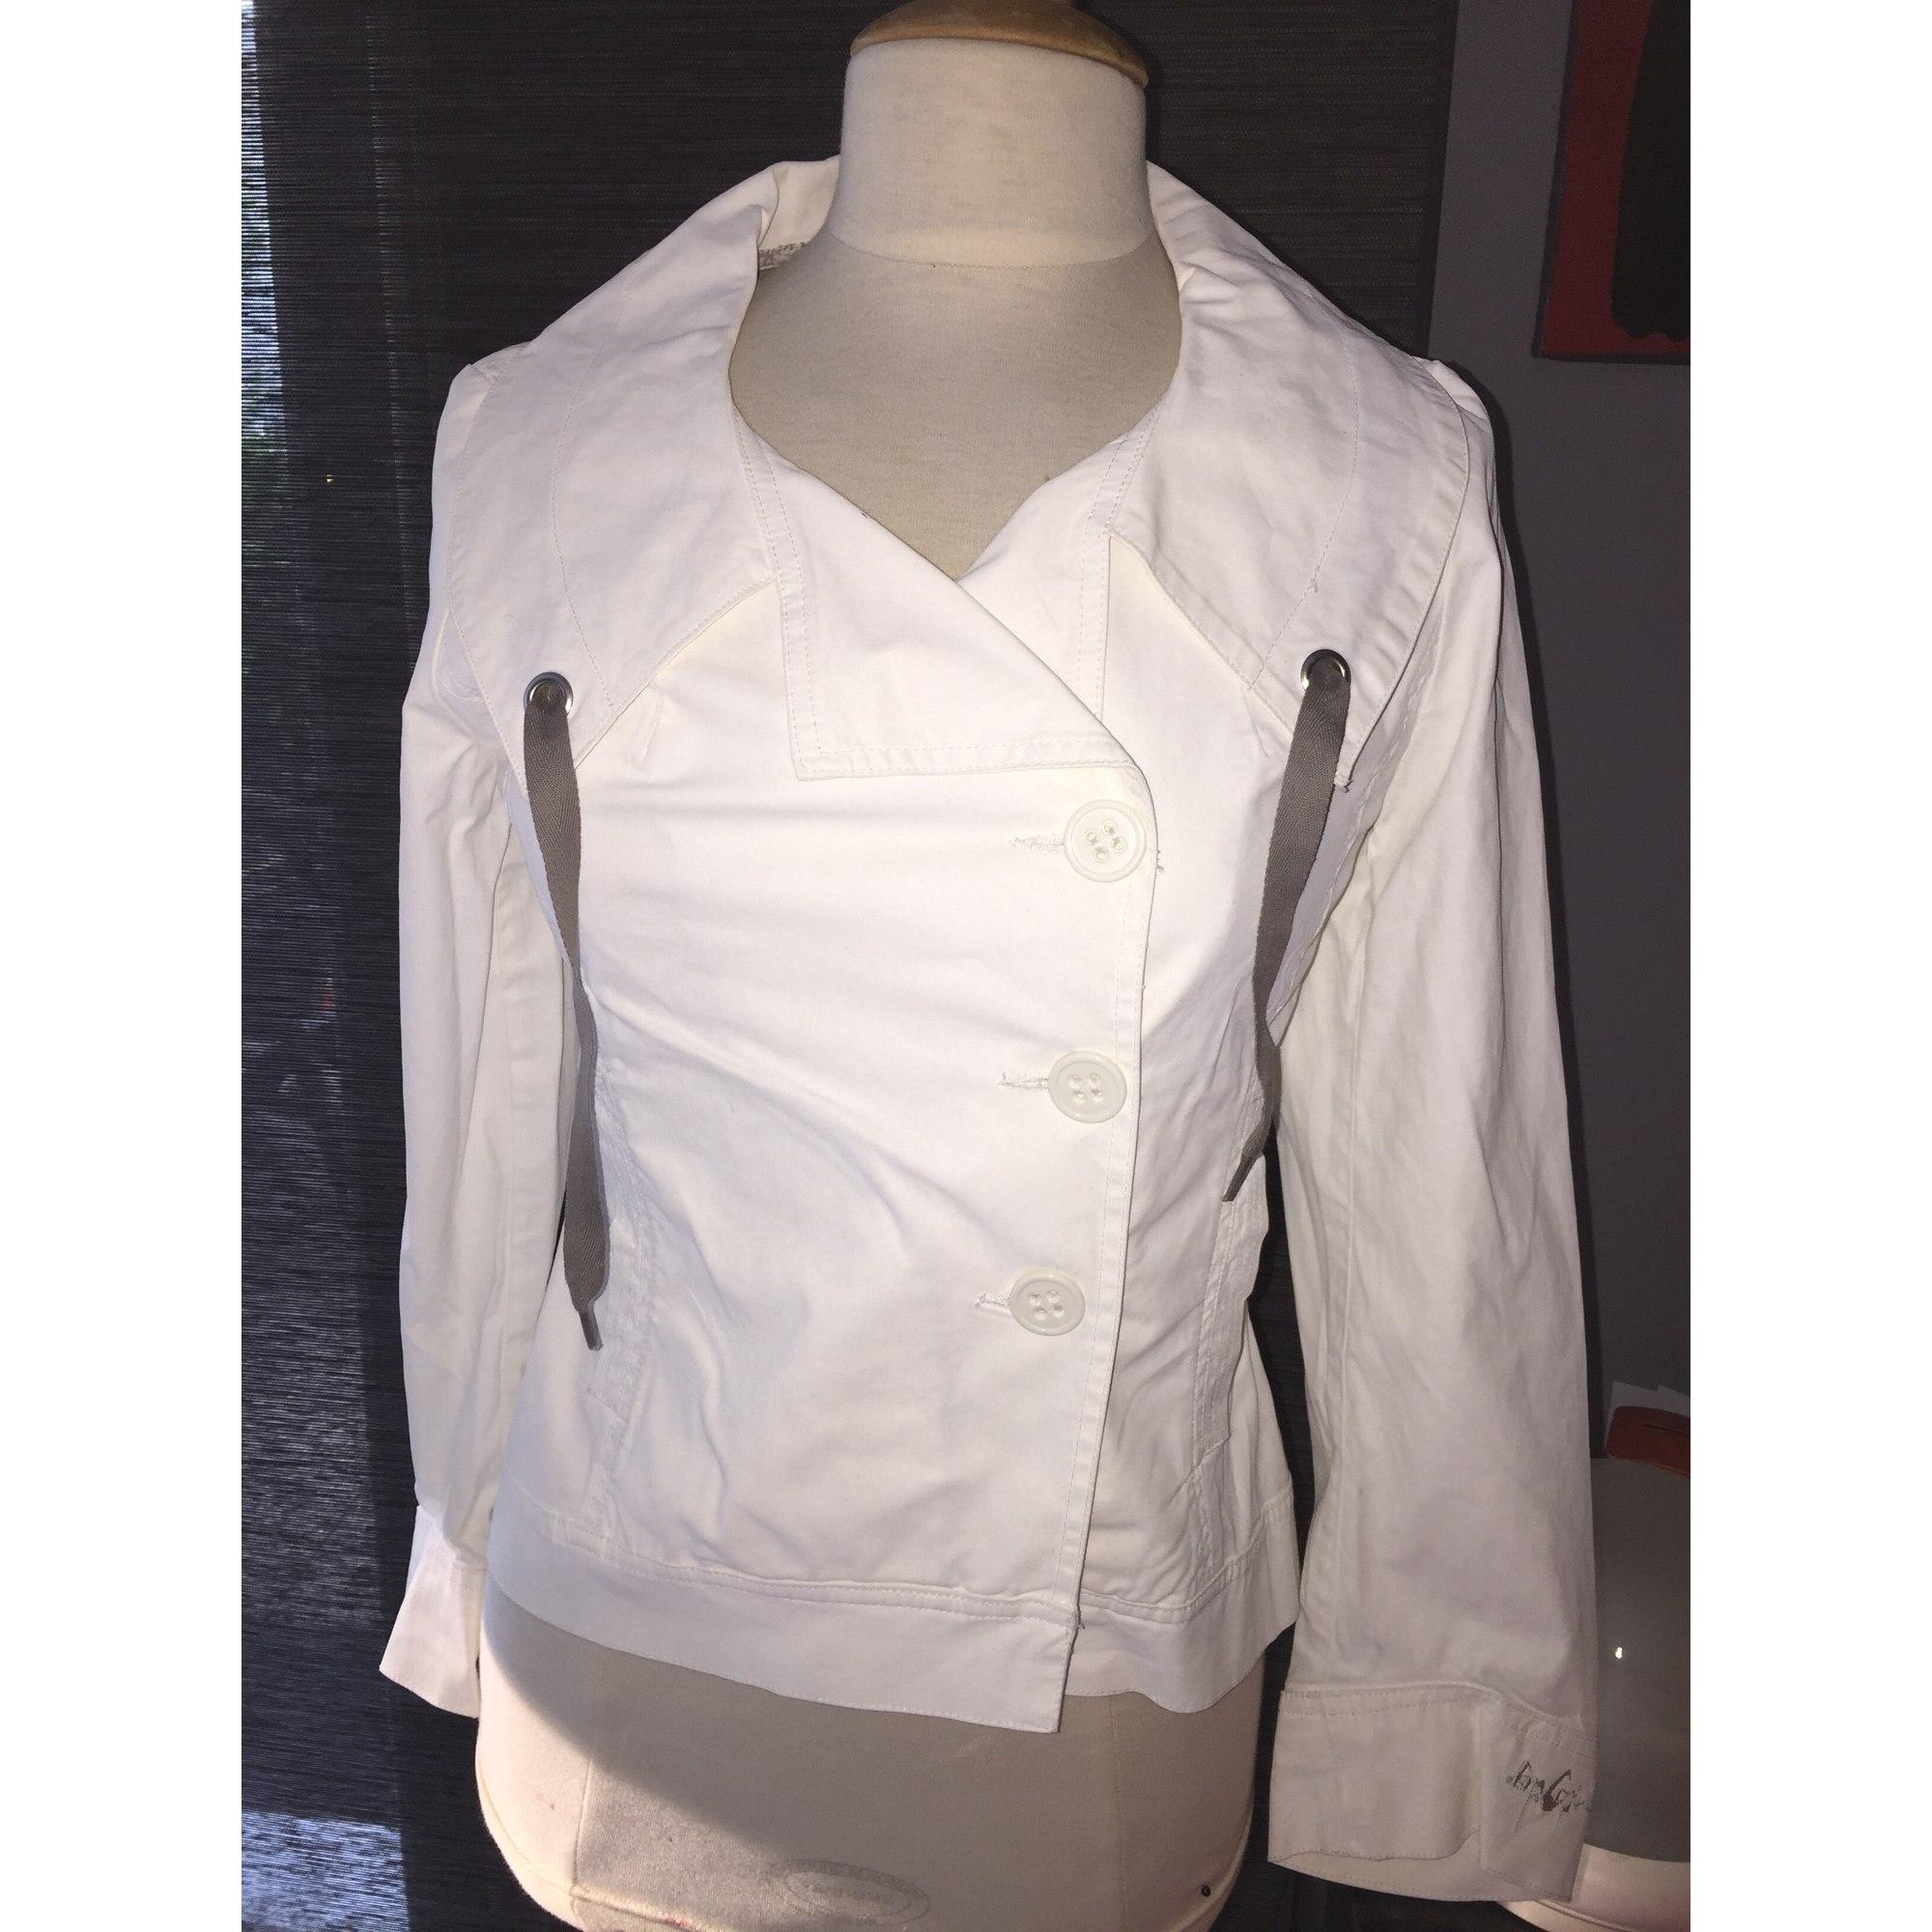 Paletot COP-COPINE Blanc, blanc cassé, écru